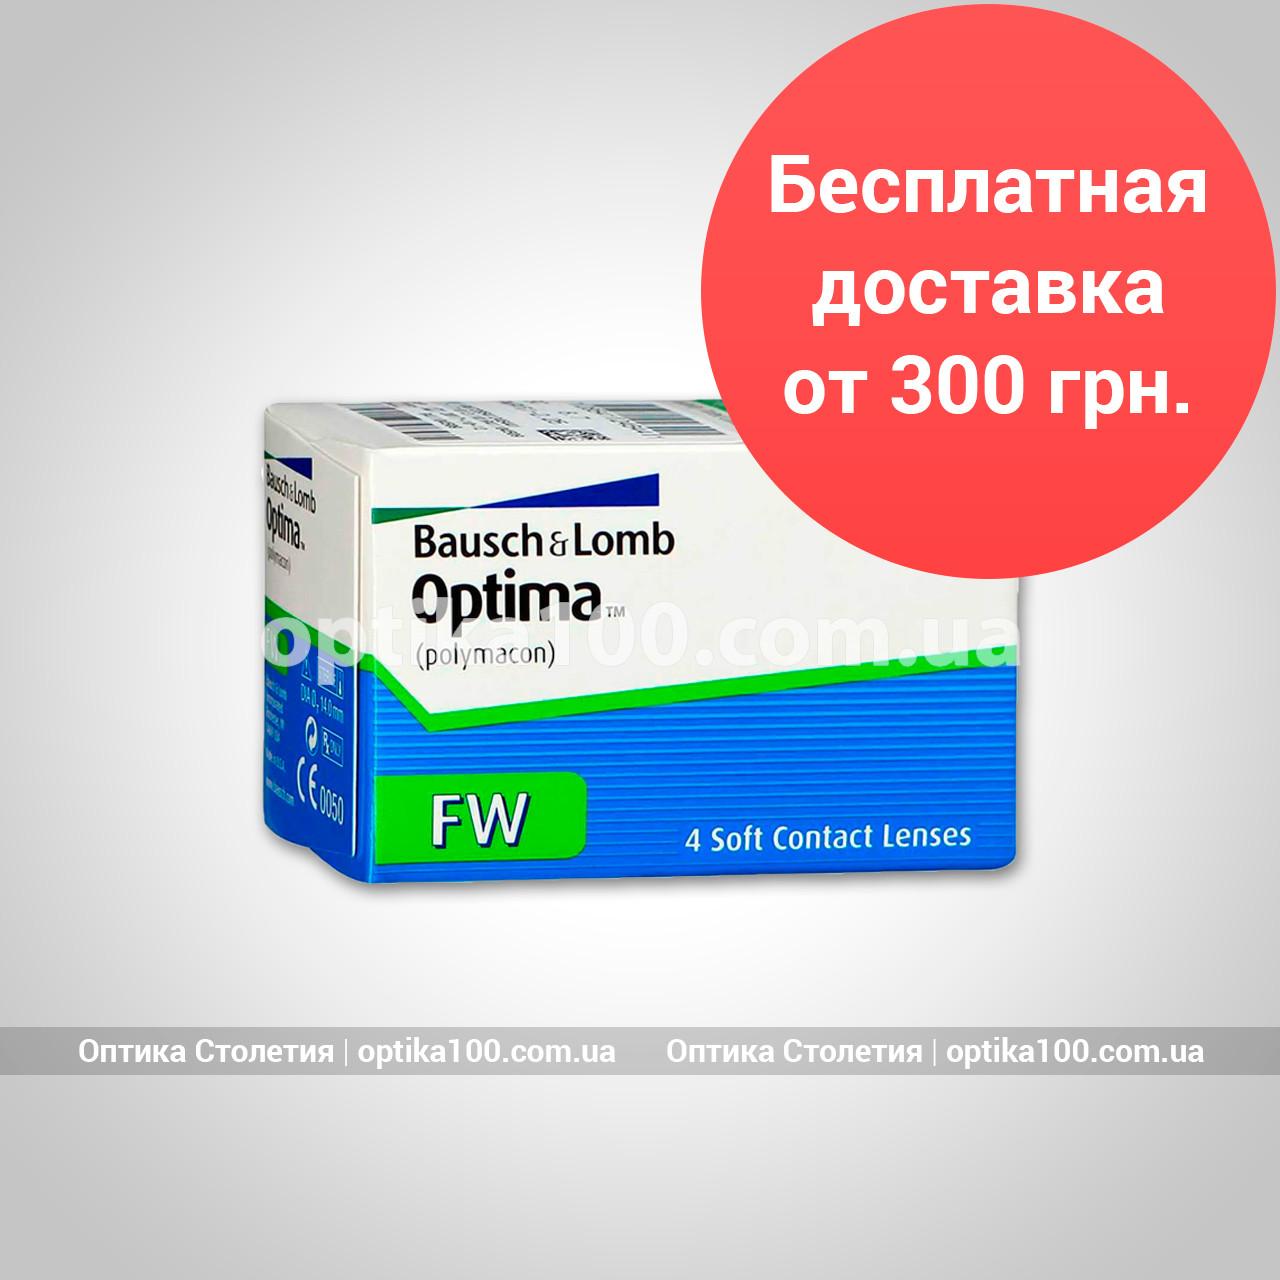 Контактні лінзи Optima FW (4 шт.). Розпродаж залишків! Термін придатності хороші